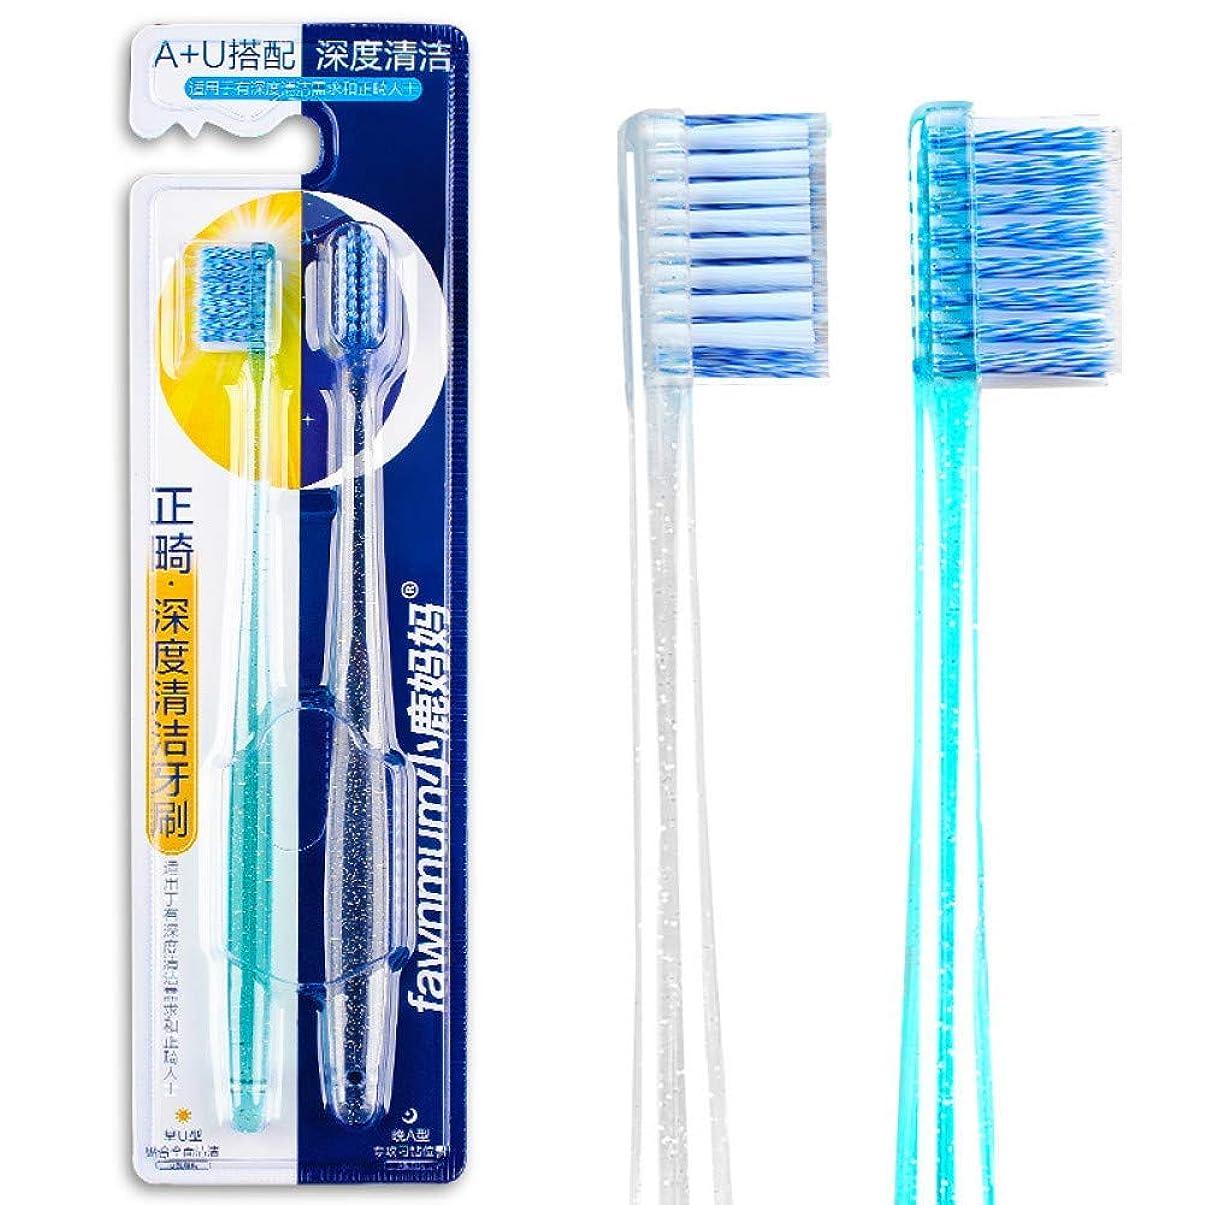 アーク後世唯物論大人の矯正用歯ブラシ歯科用歯ブラシU Aトリムソフト歯ブラシ清潔な矯正ブレース用2ピース、